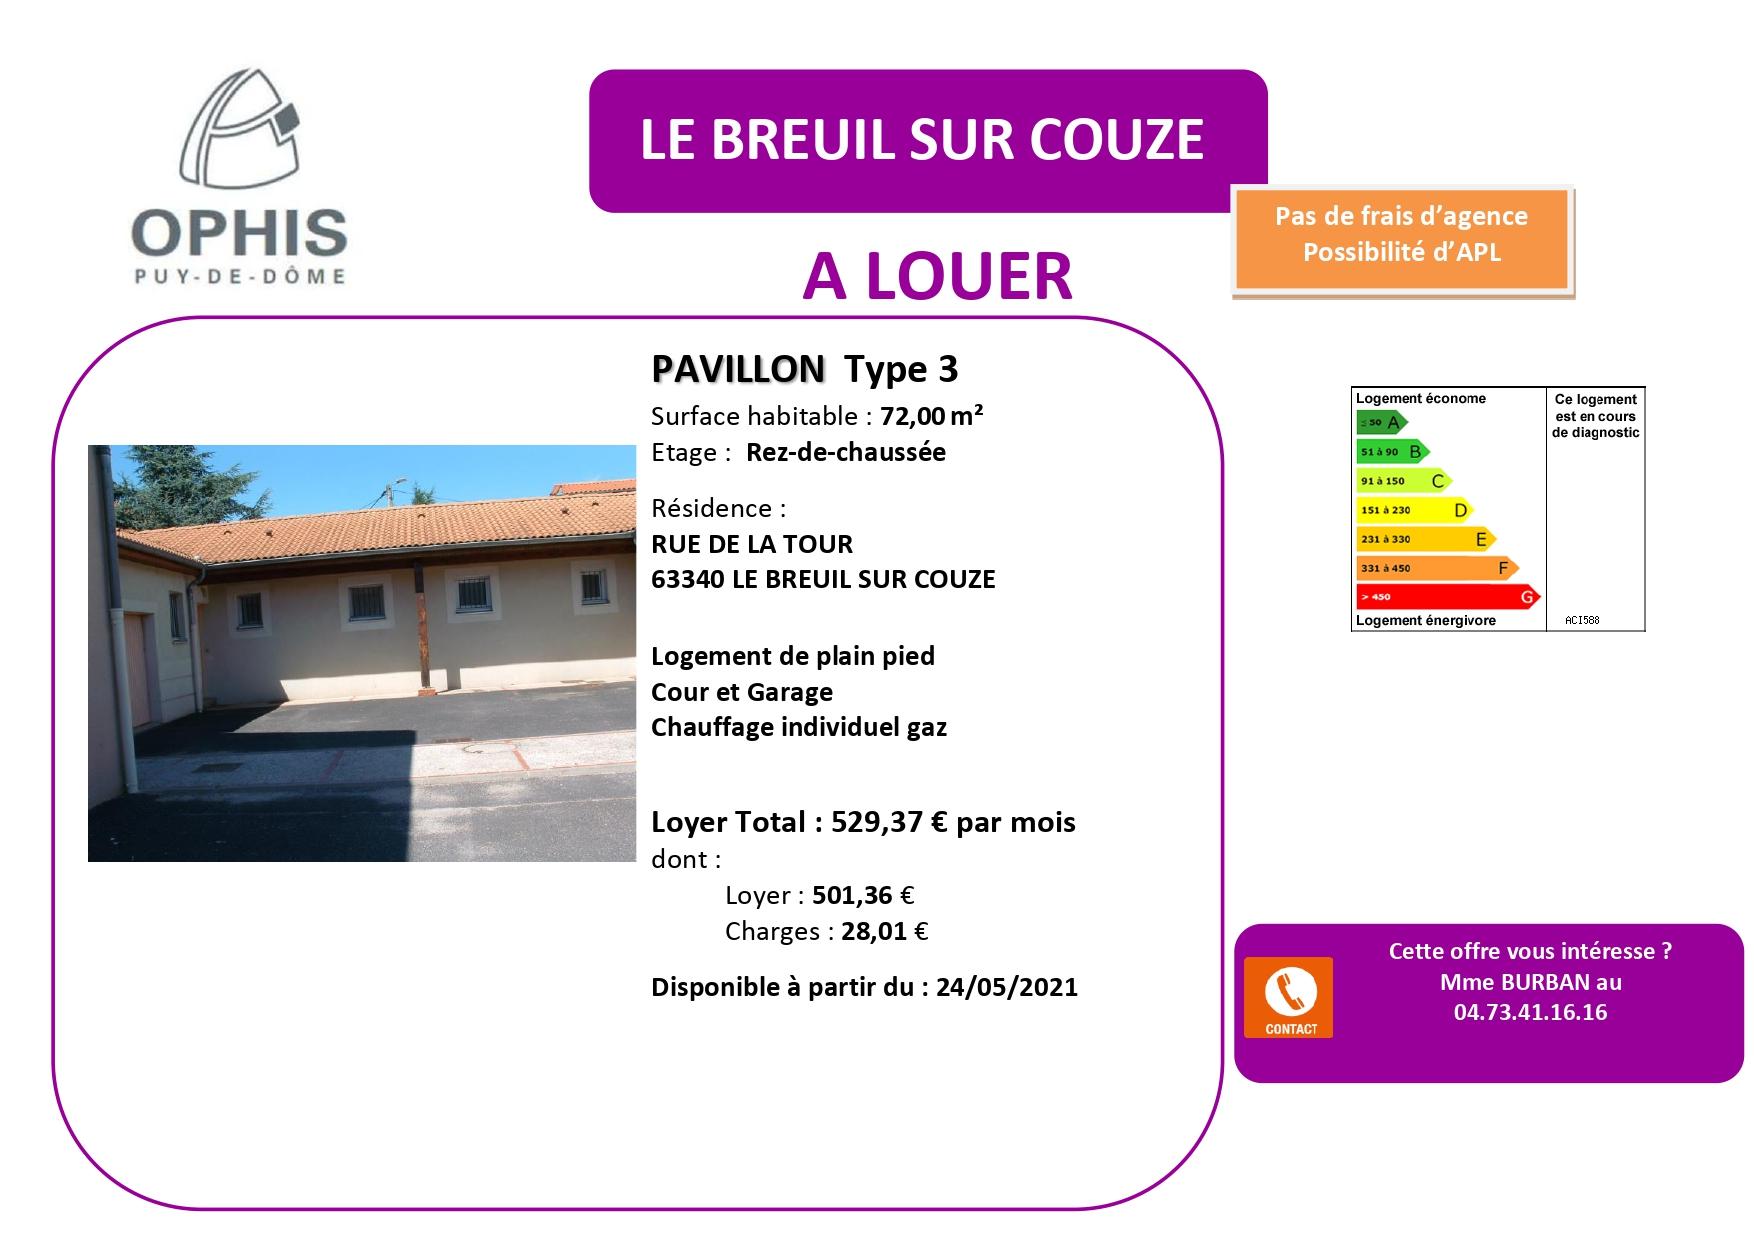 AFFICHE PAV T3 N°15 RUE DE LA TOUR.jpg